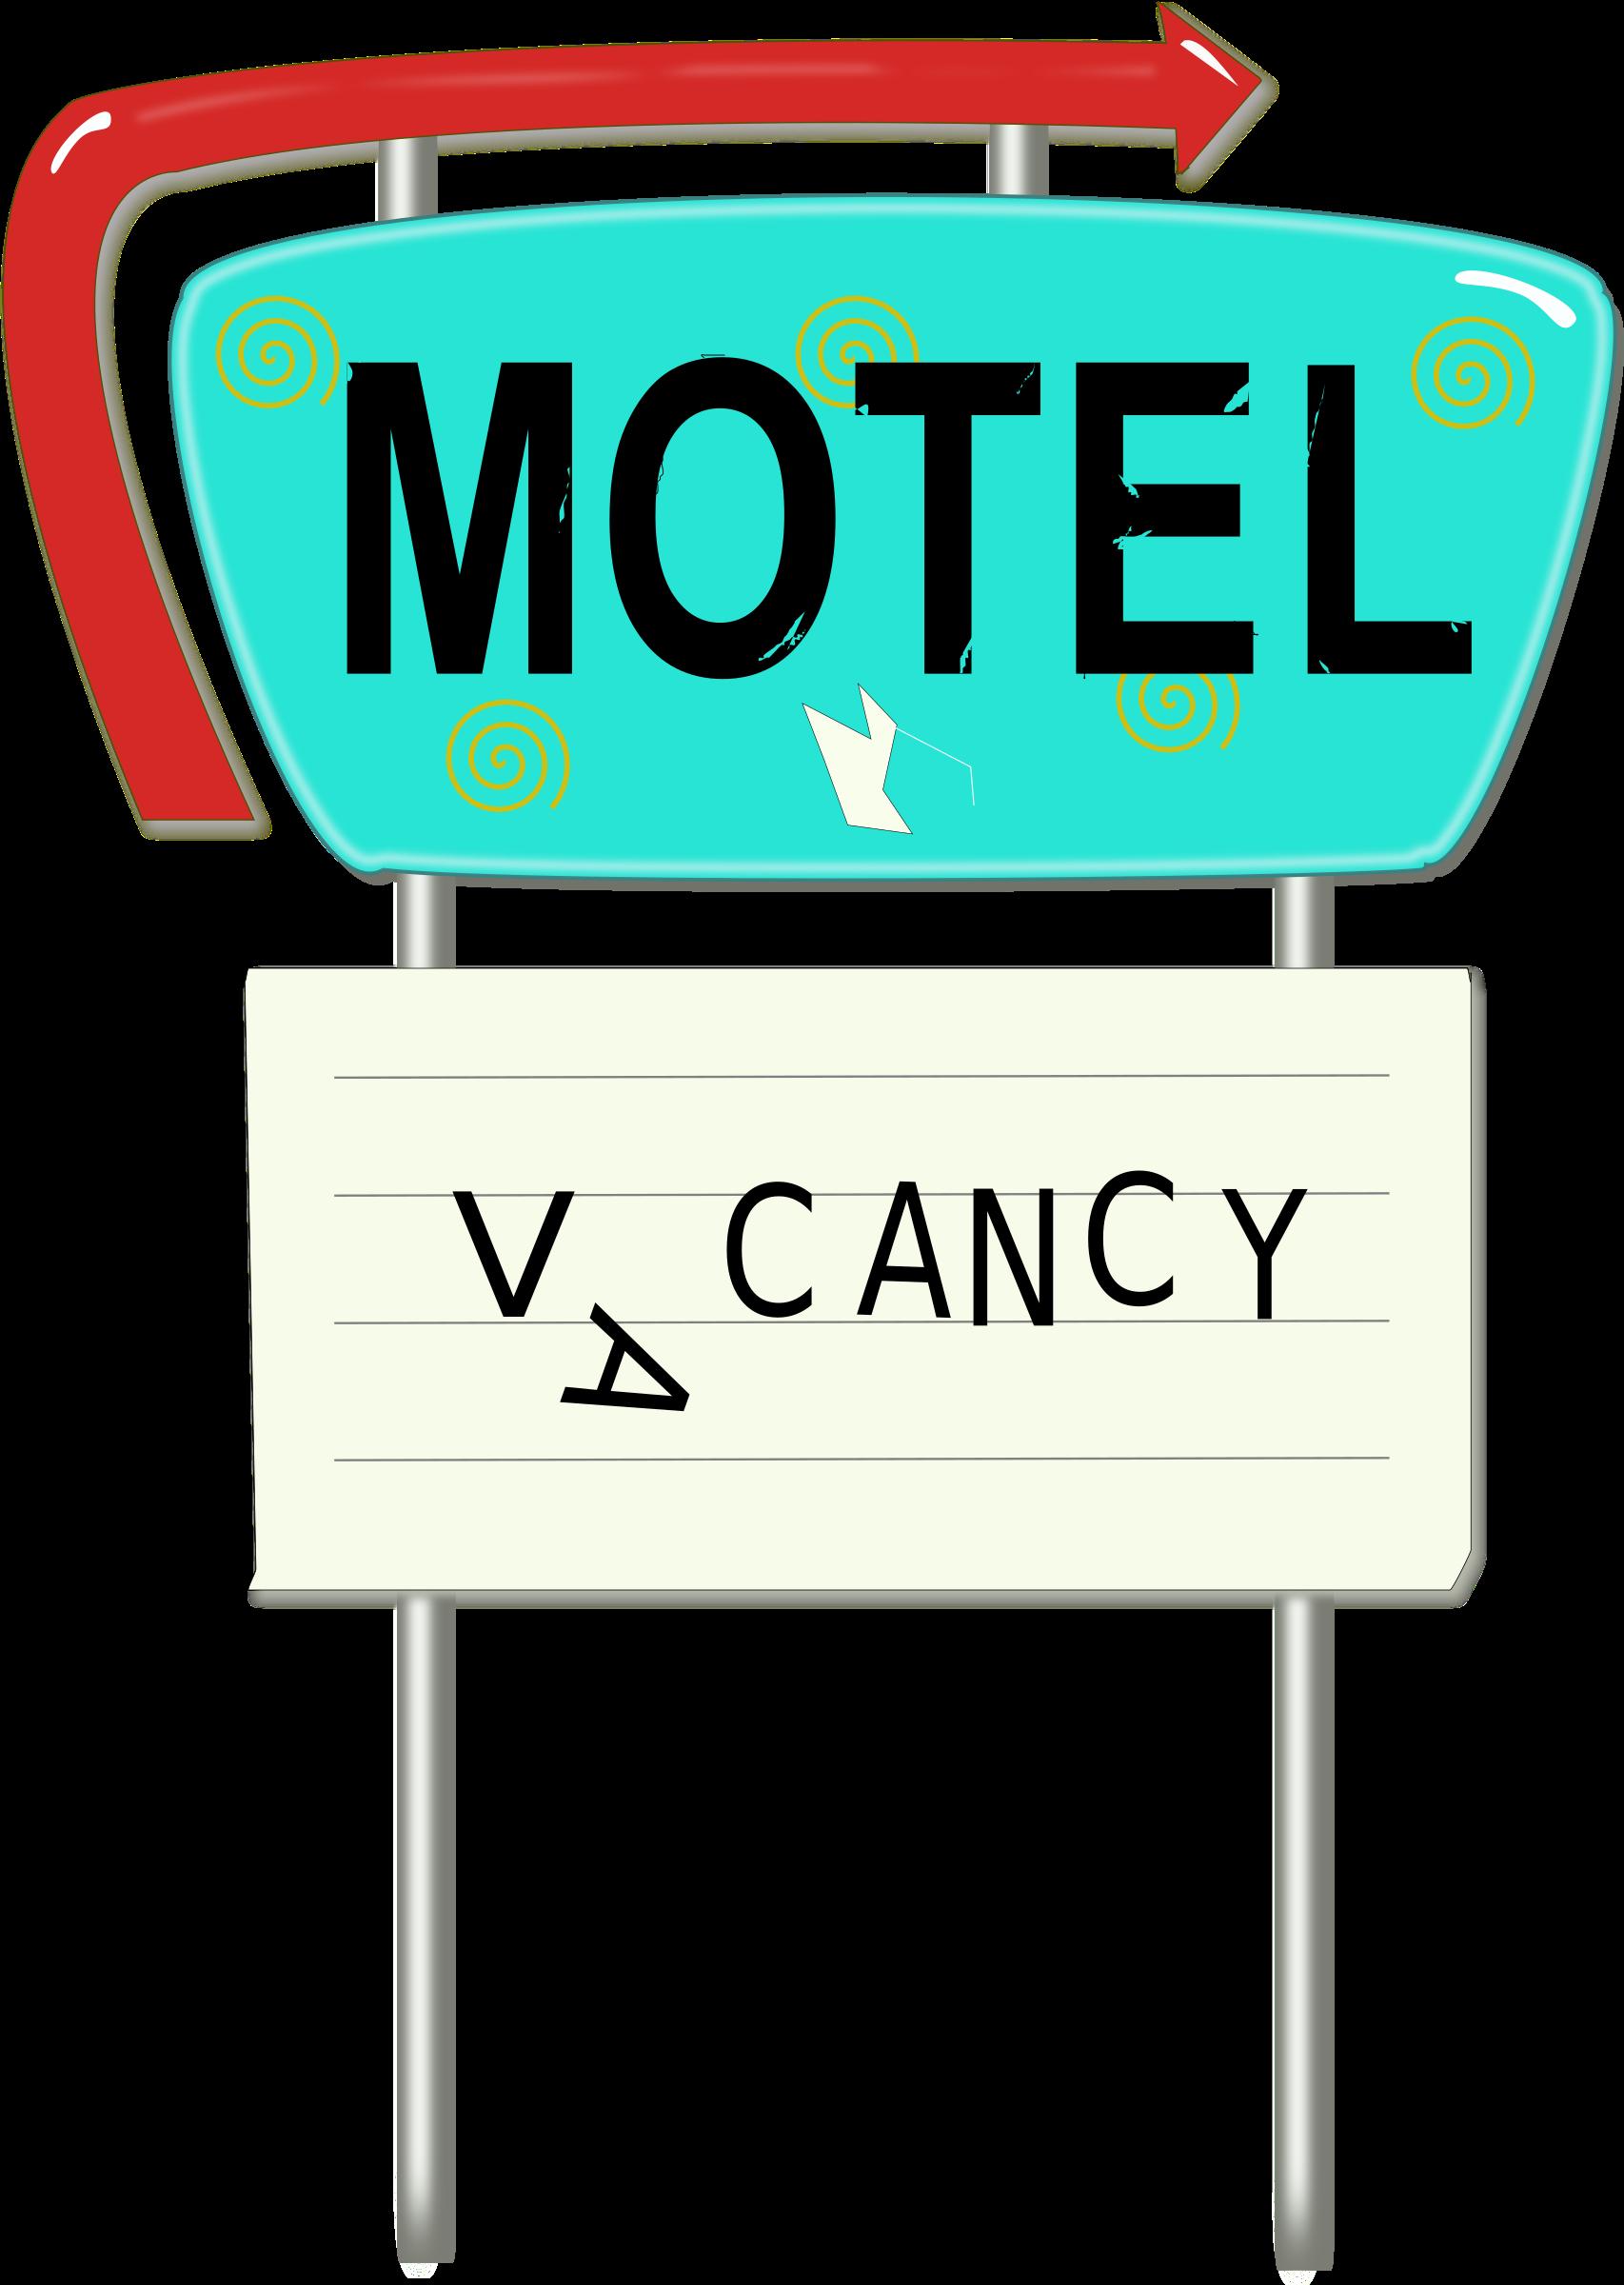 Hotel clipart vintage hotel. Motel sign big image